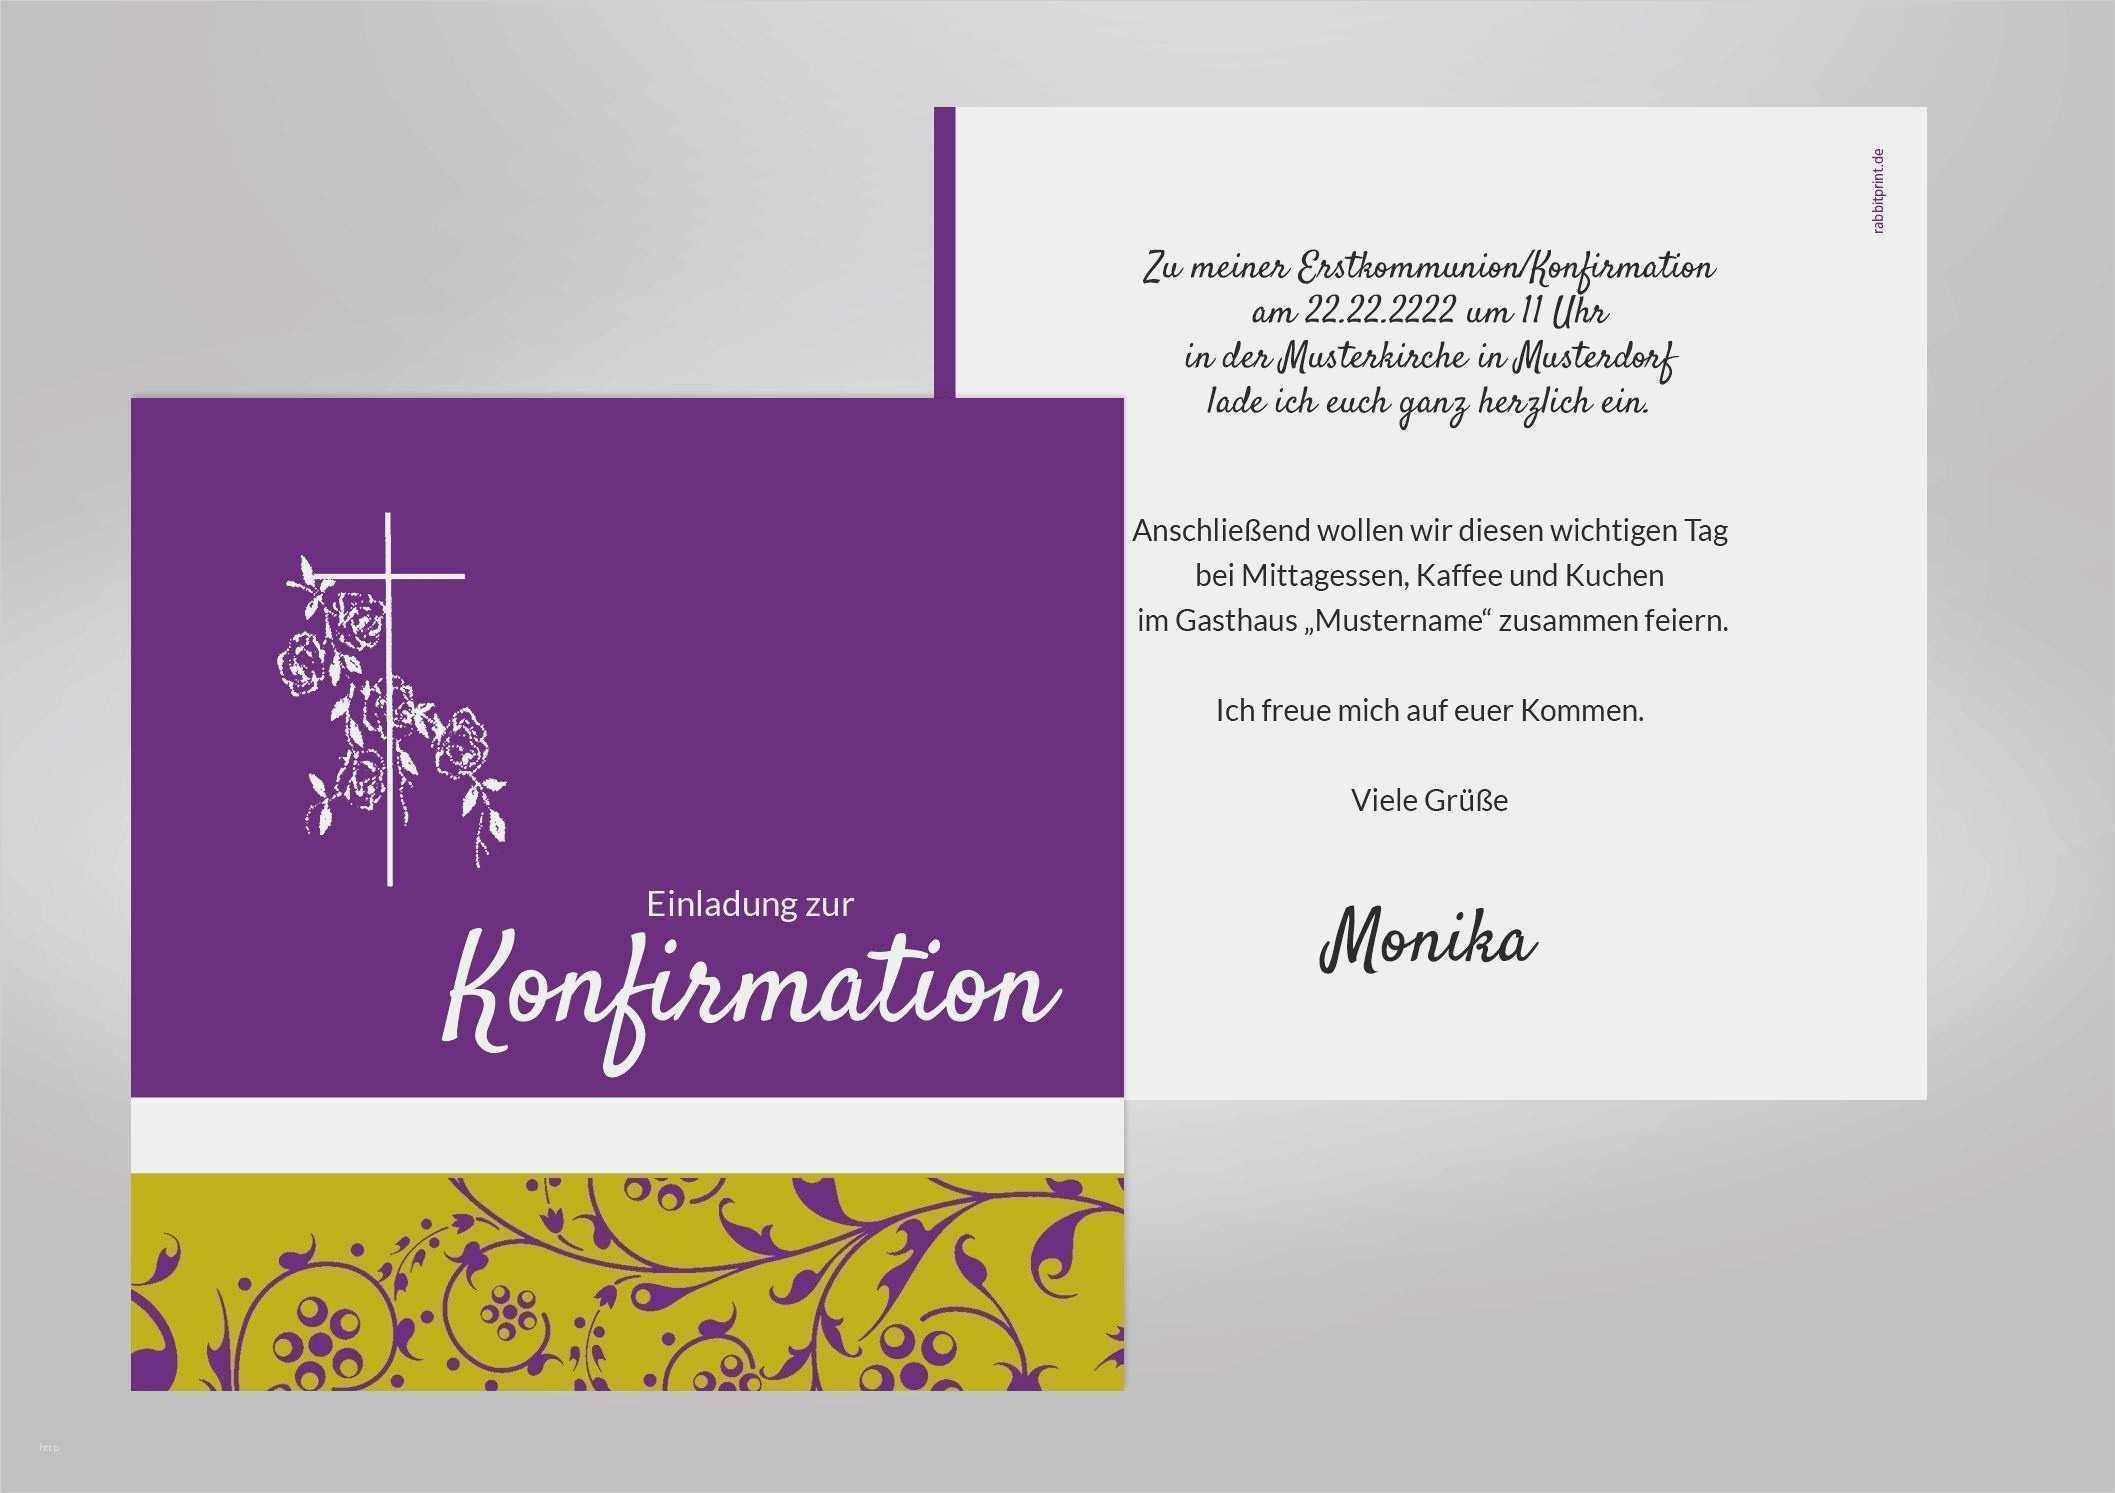 34 Inspiration Konfirmation Karte Vorlage Modelle Geburtstagseinladungen Zum Ausdrucken Einladung Konfirmation Einladungskarten Konfirmation